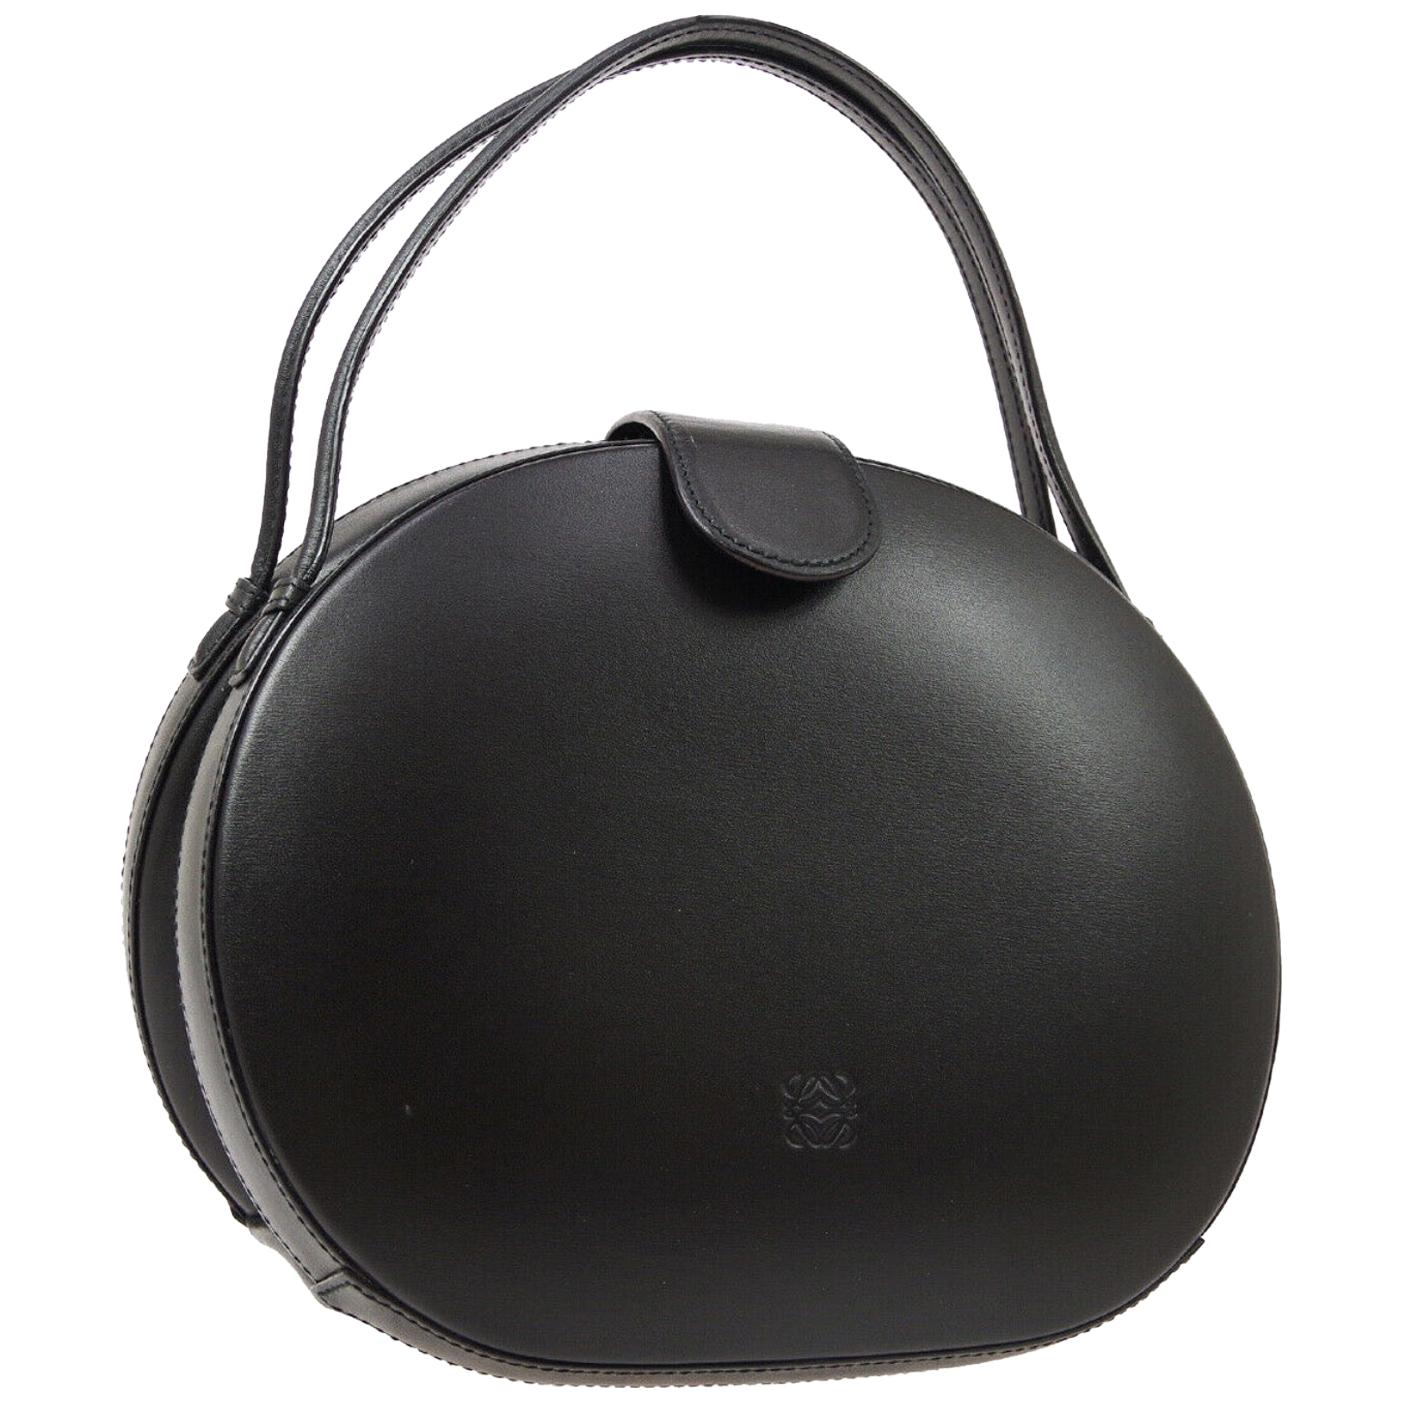 Loewe Leather Black Round Kelly Style Top Handle Satchel Bag